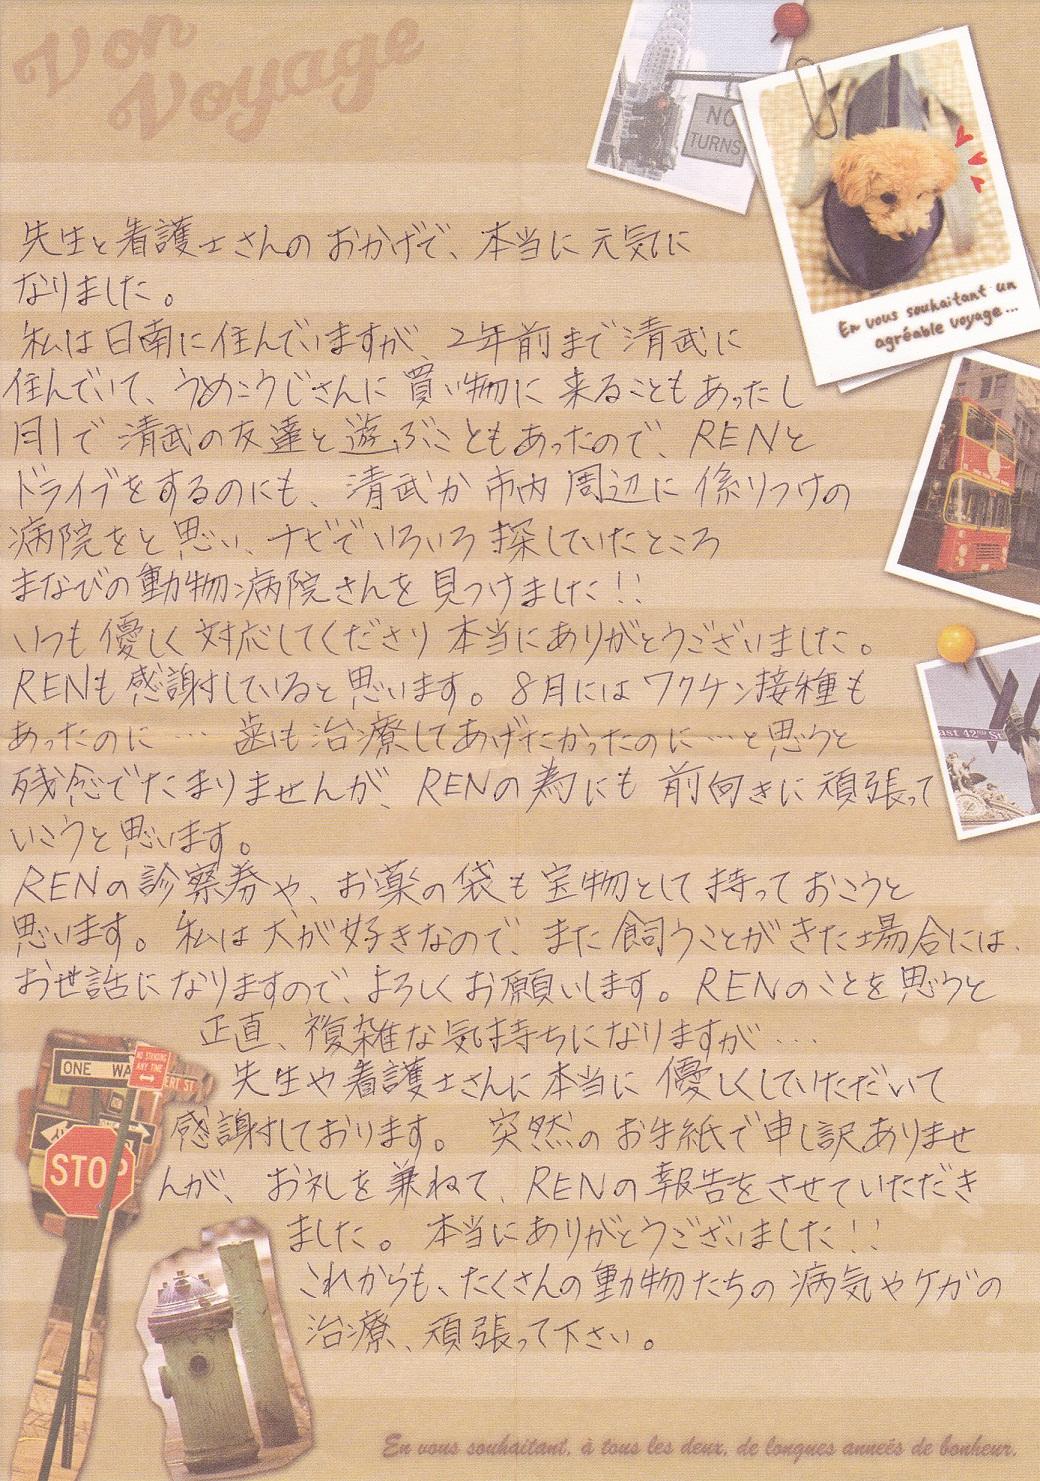 ren scan 2a